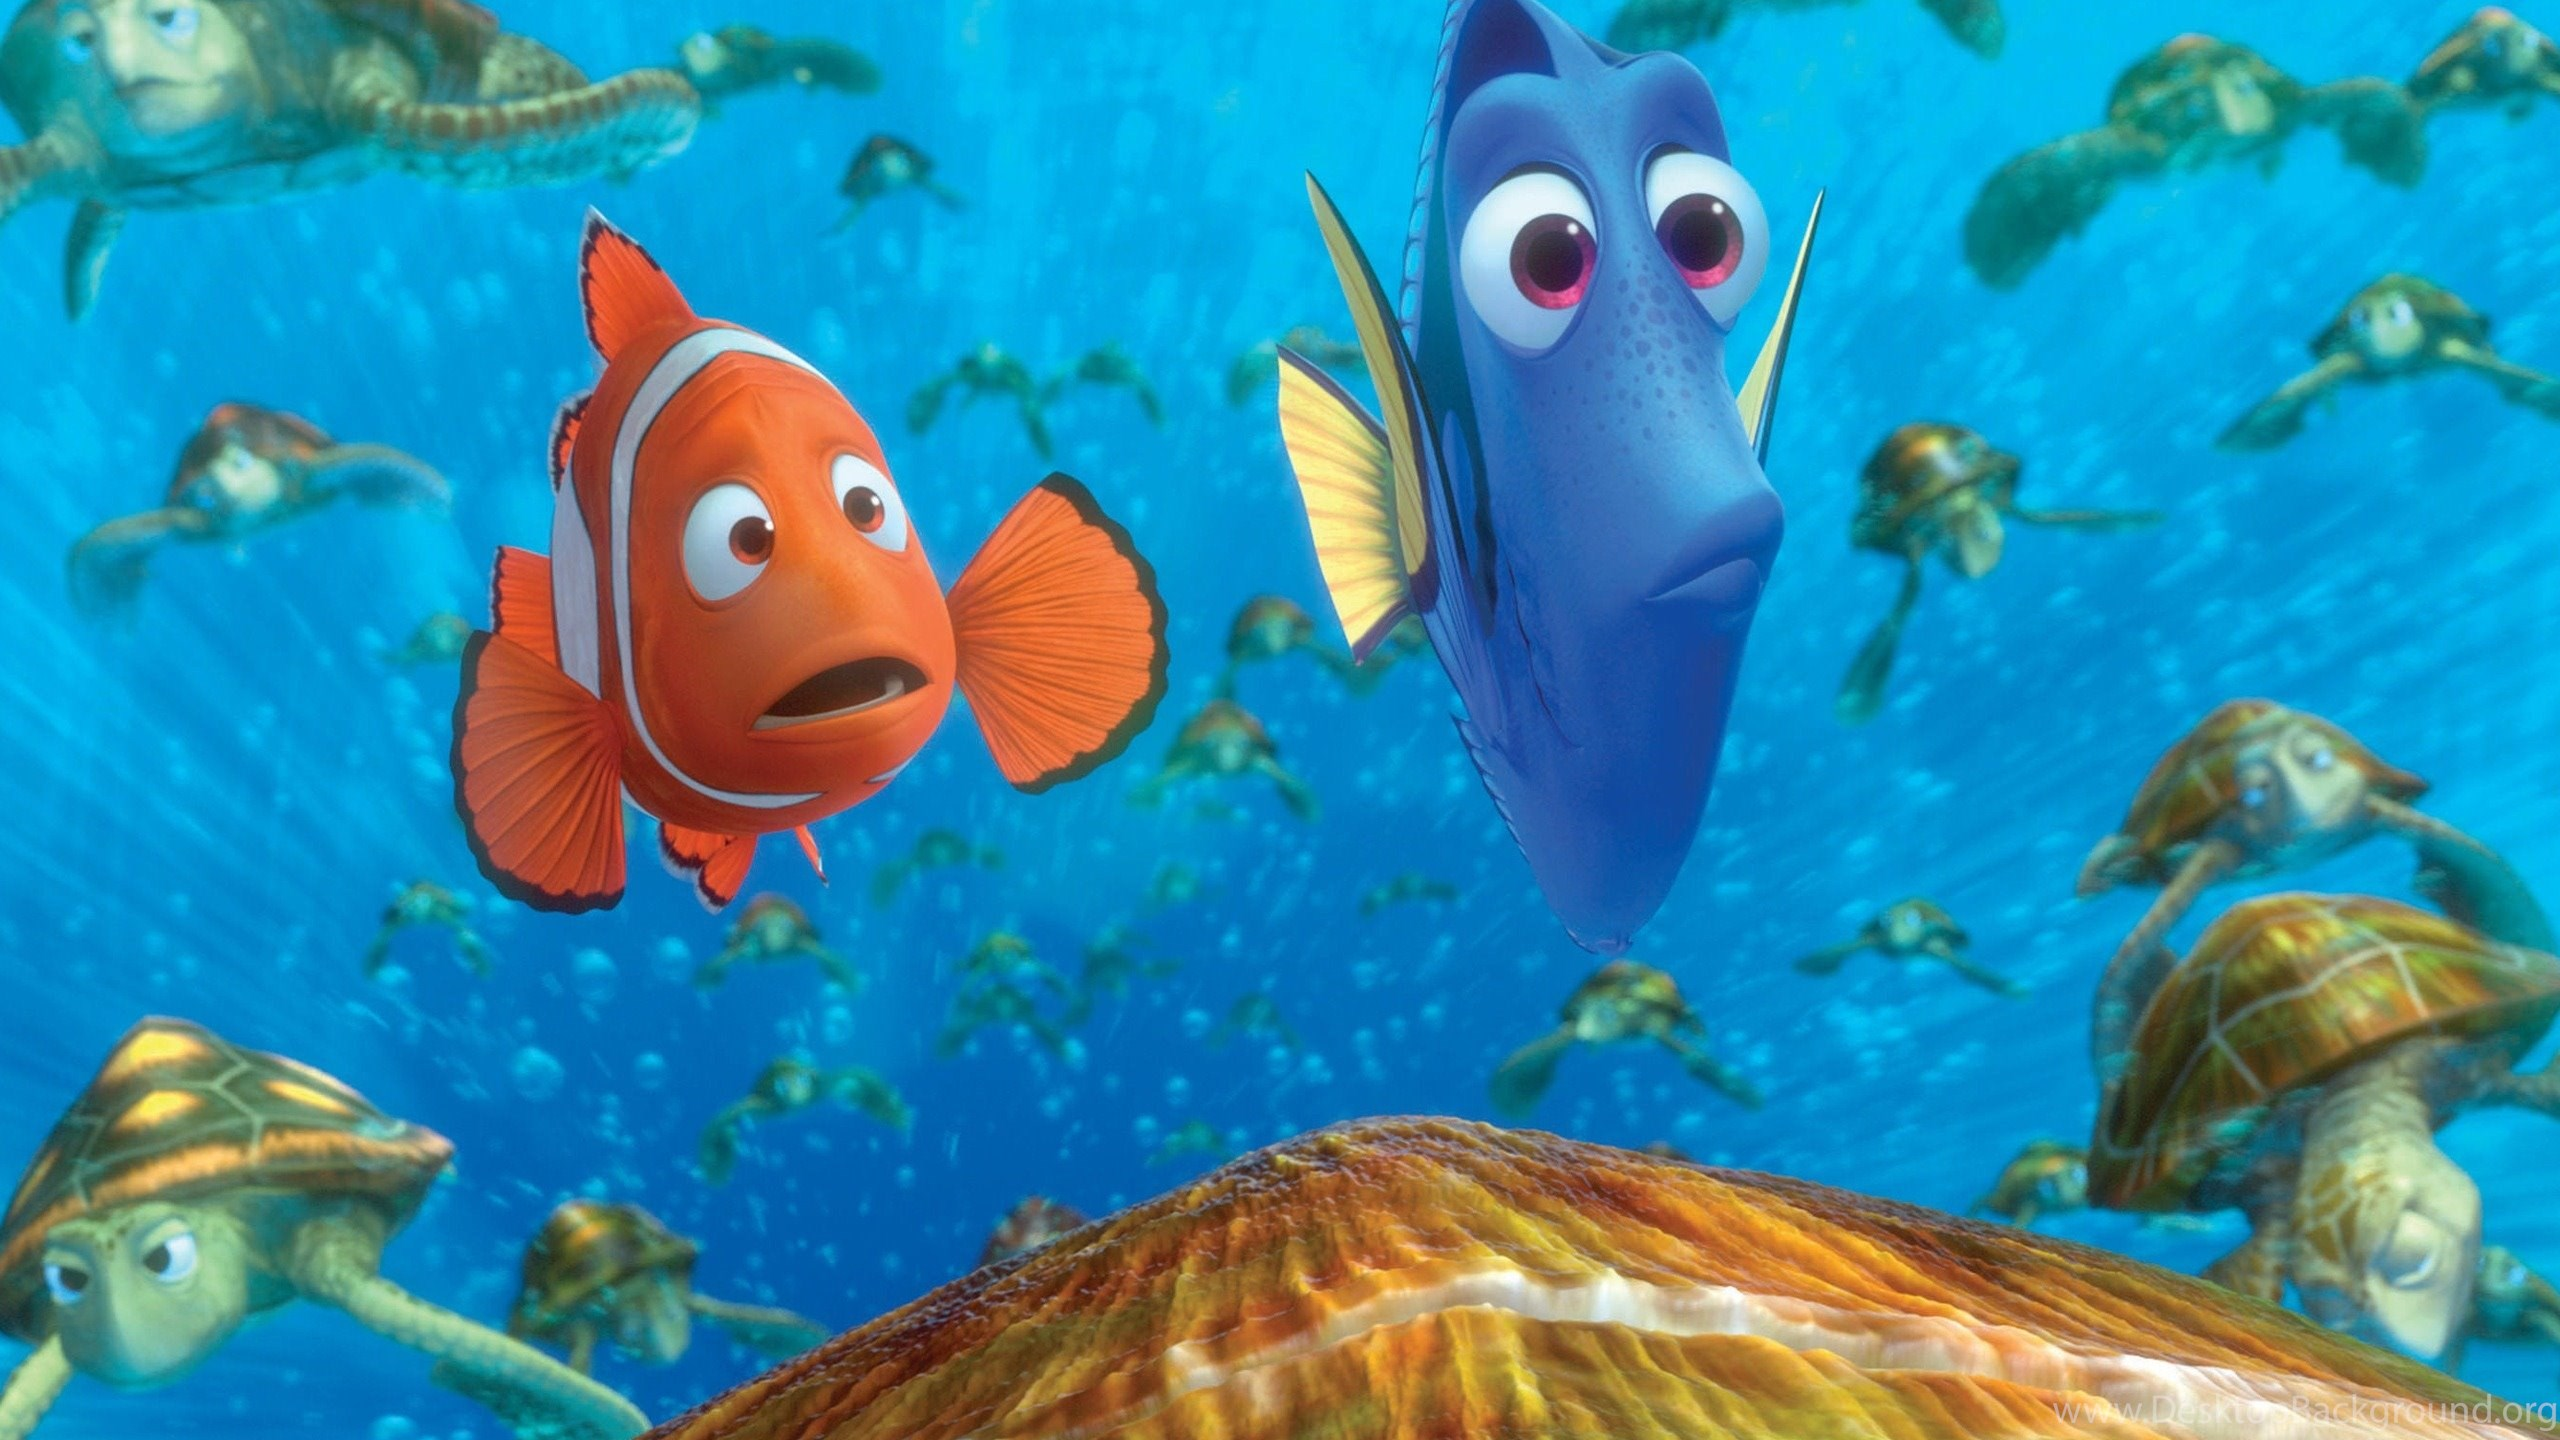 Finding Nemo 3D Movie HD Desktop Wallpapers 10 2560x1600